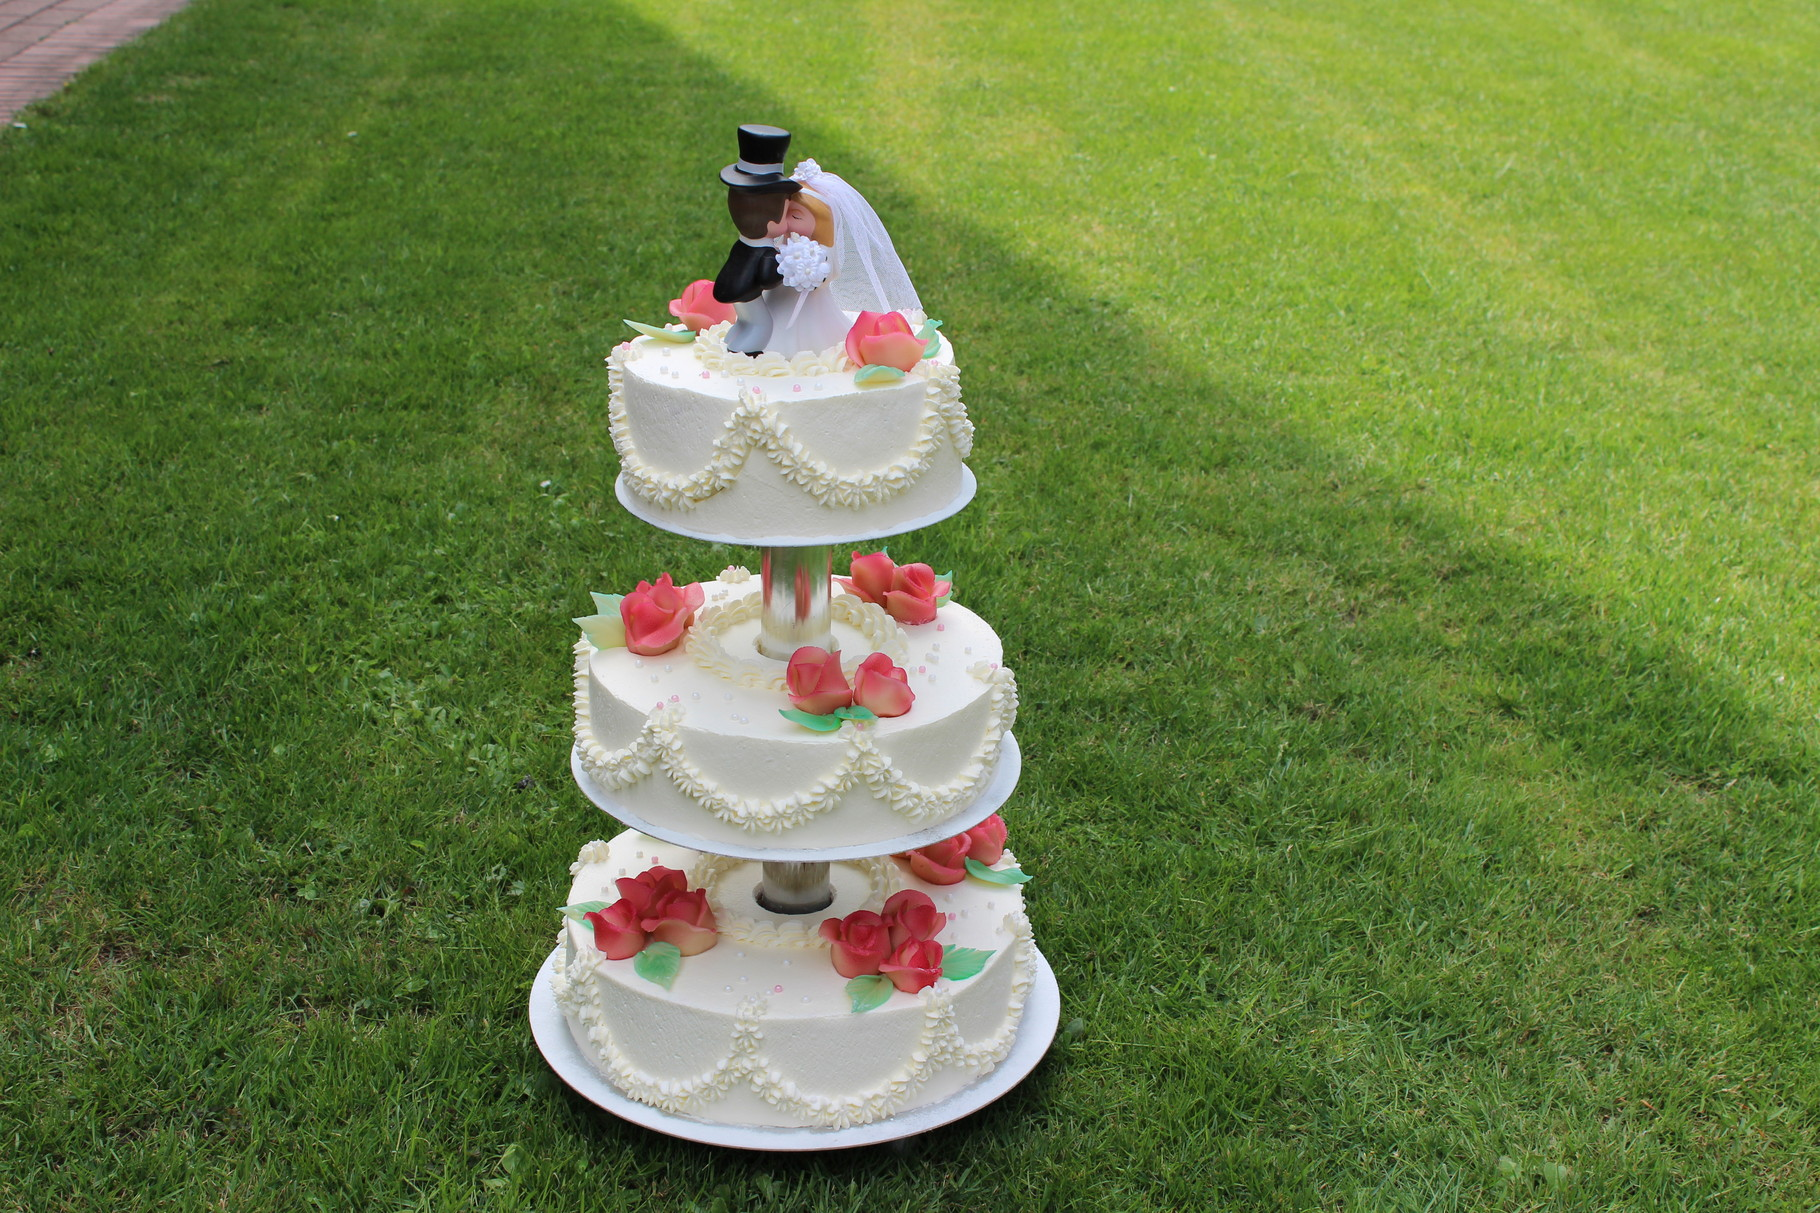 Hochzeitstorte, 3 Stock, mit klassischem Brautpaar und natürlichen Rosen